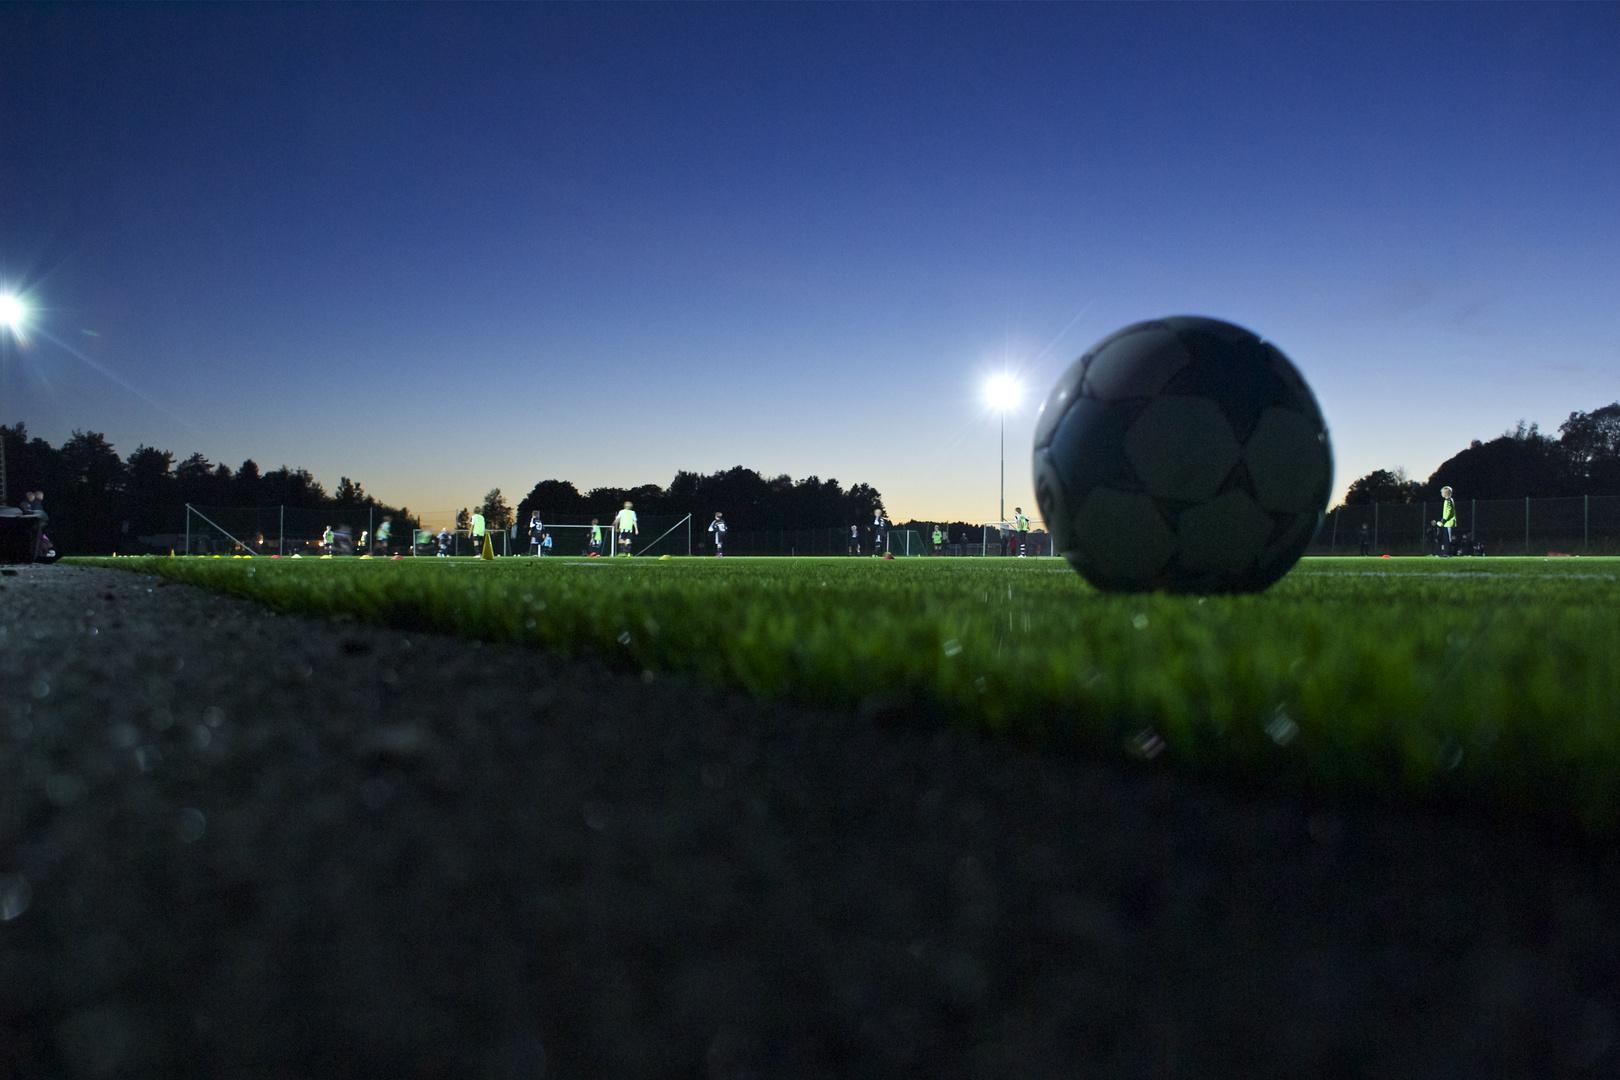 soccer by night